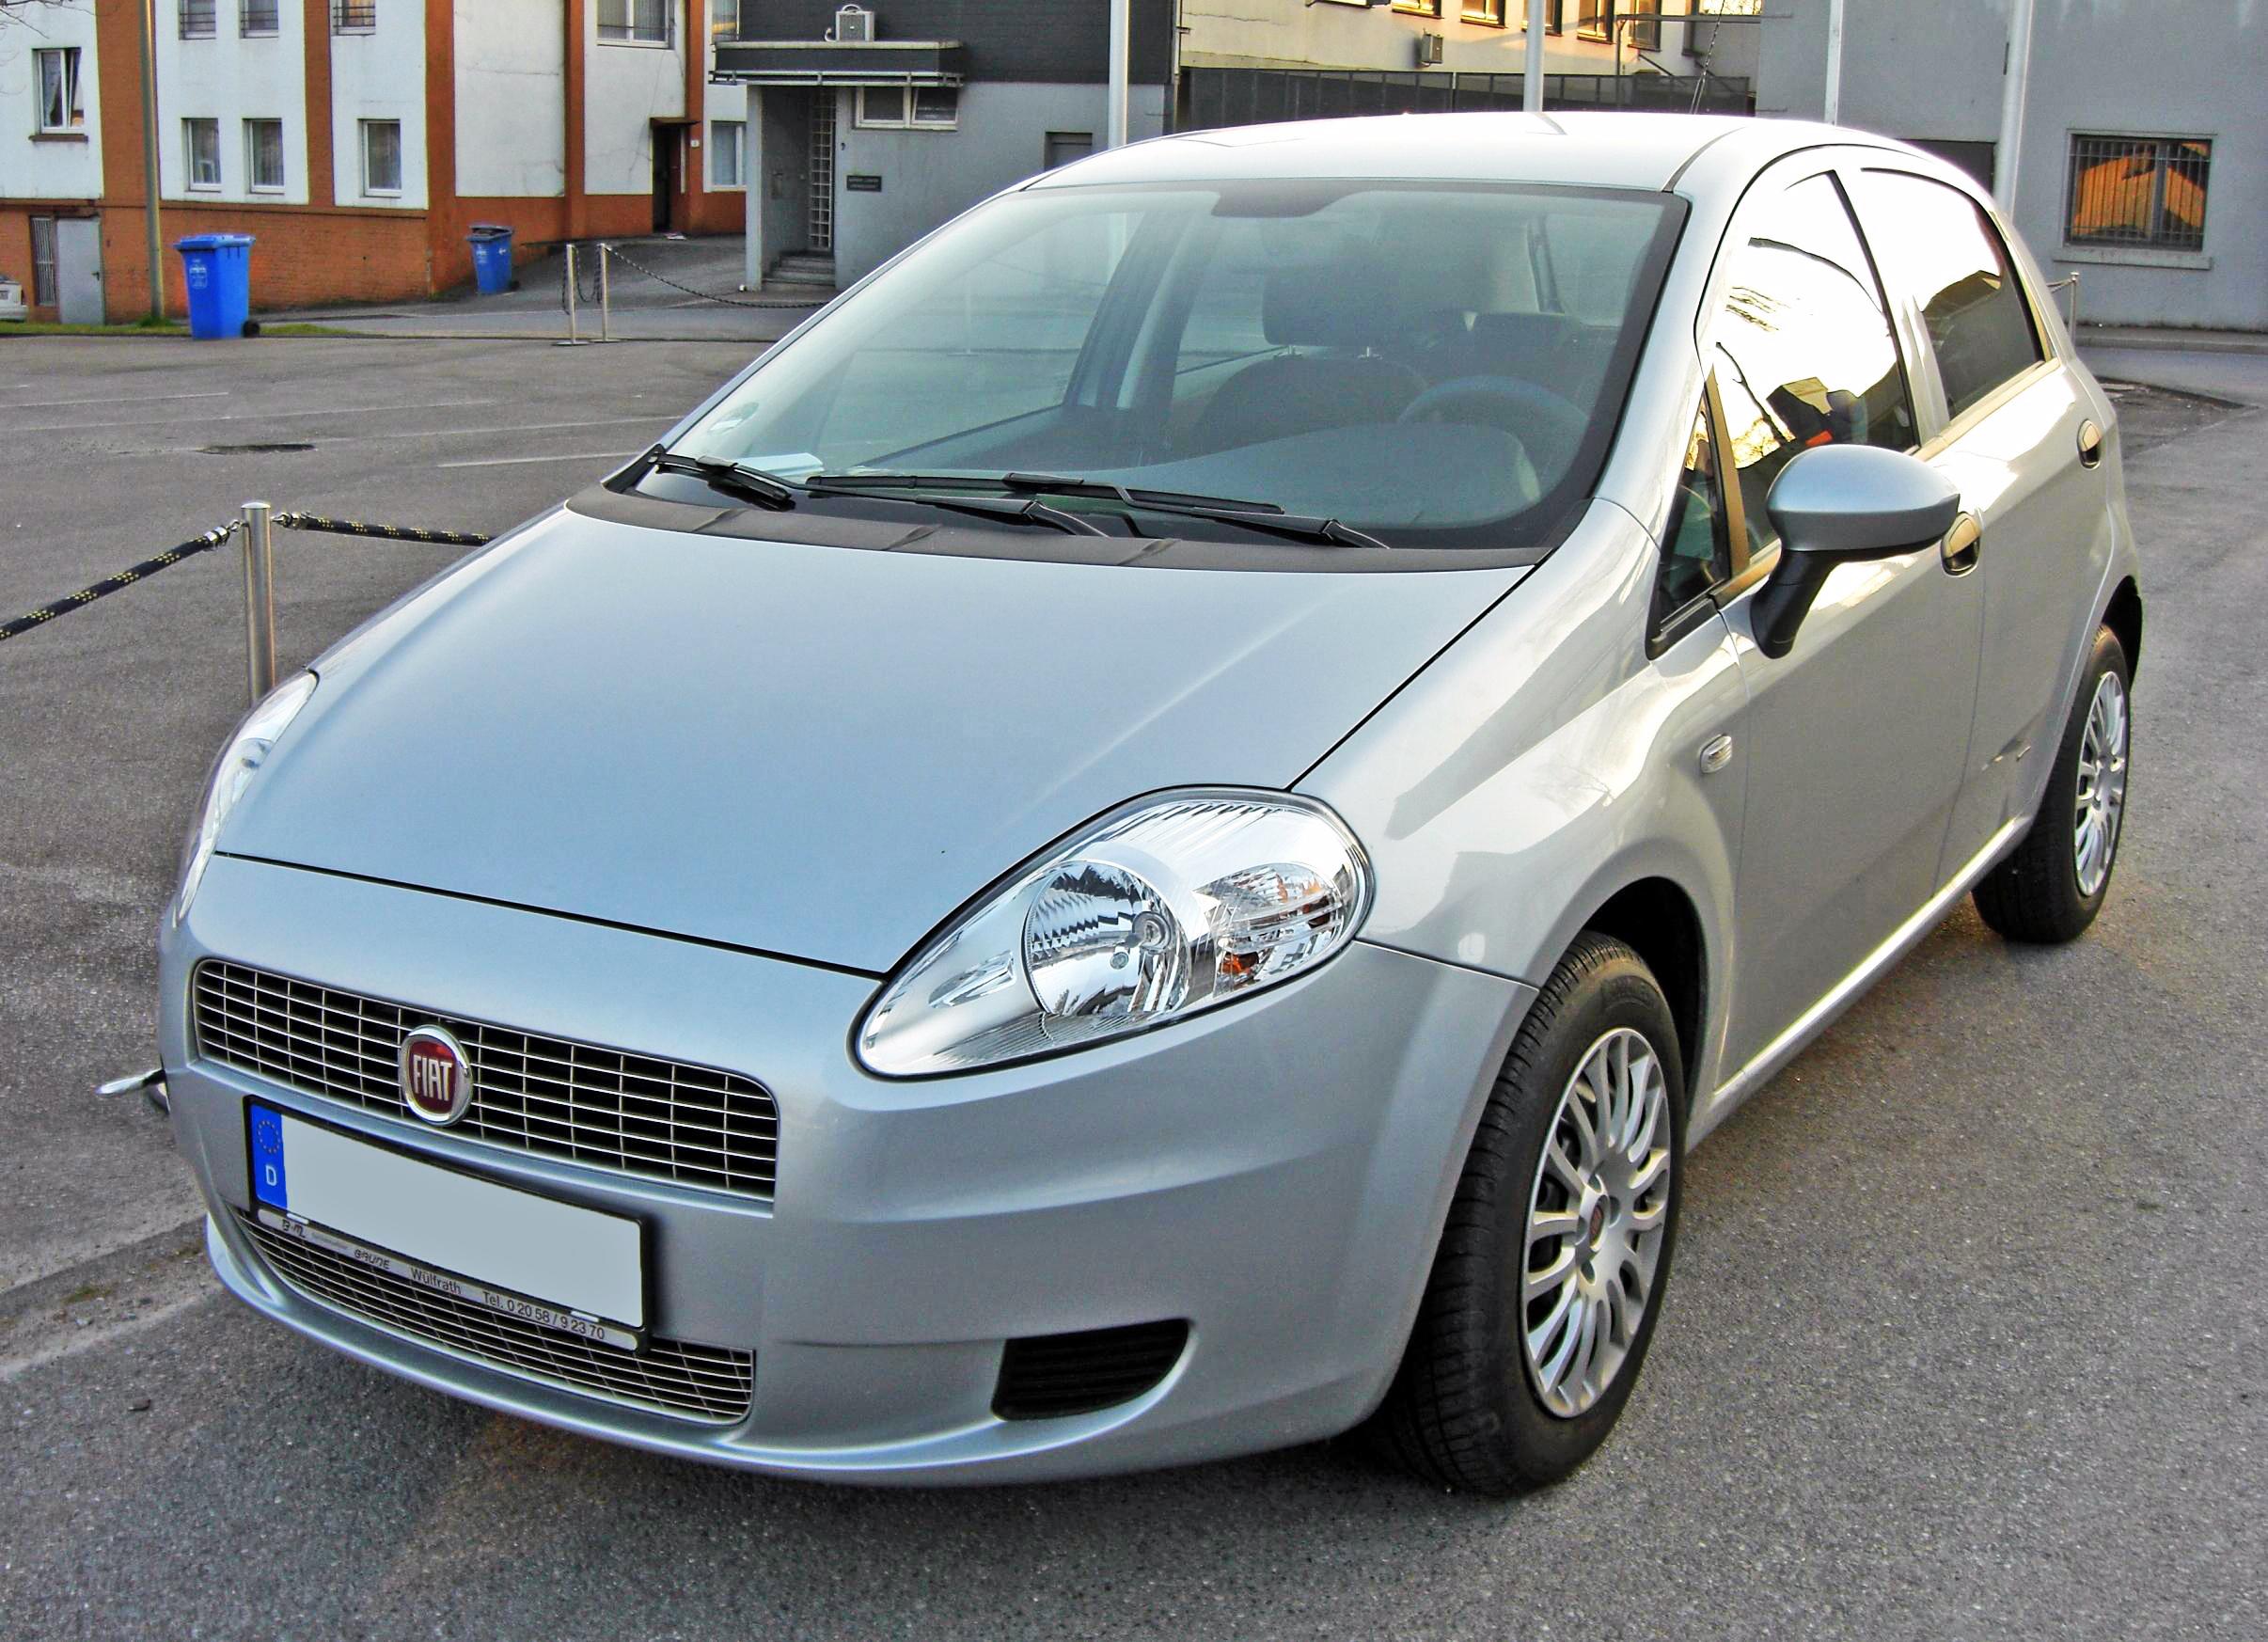 Fiat Grande Punto Review And Photos